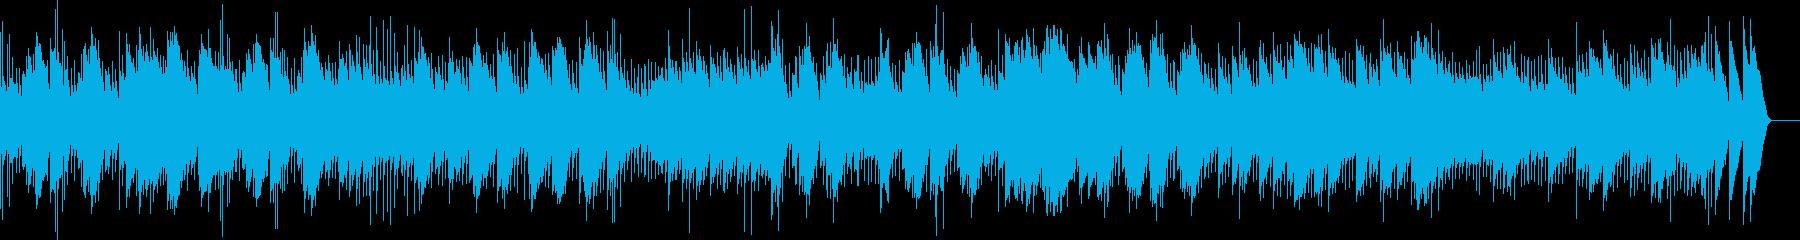 ショパン 革命のエチュード(オルゴール)の再生済みの波形